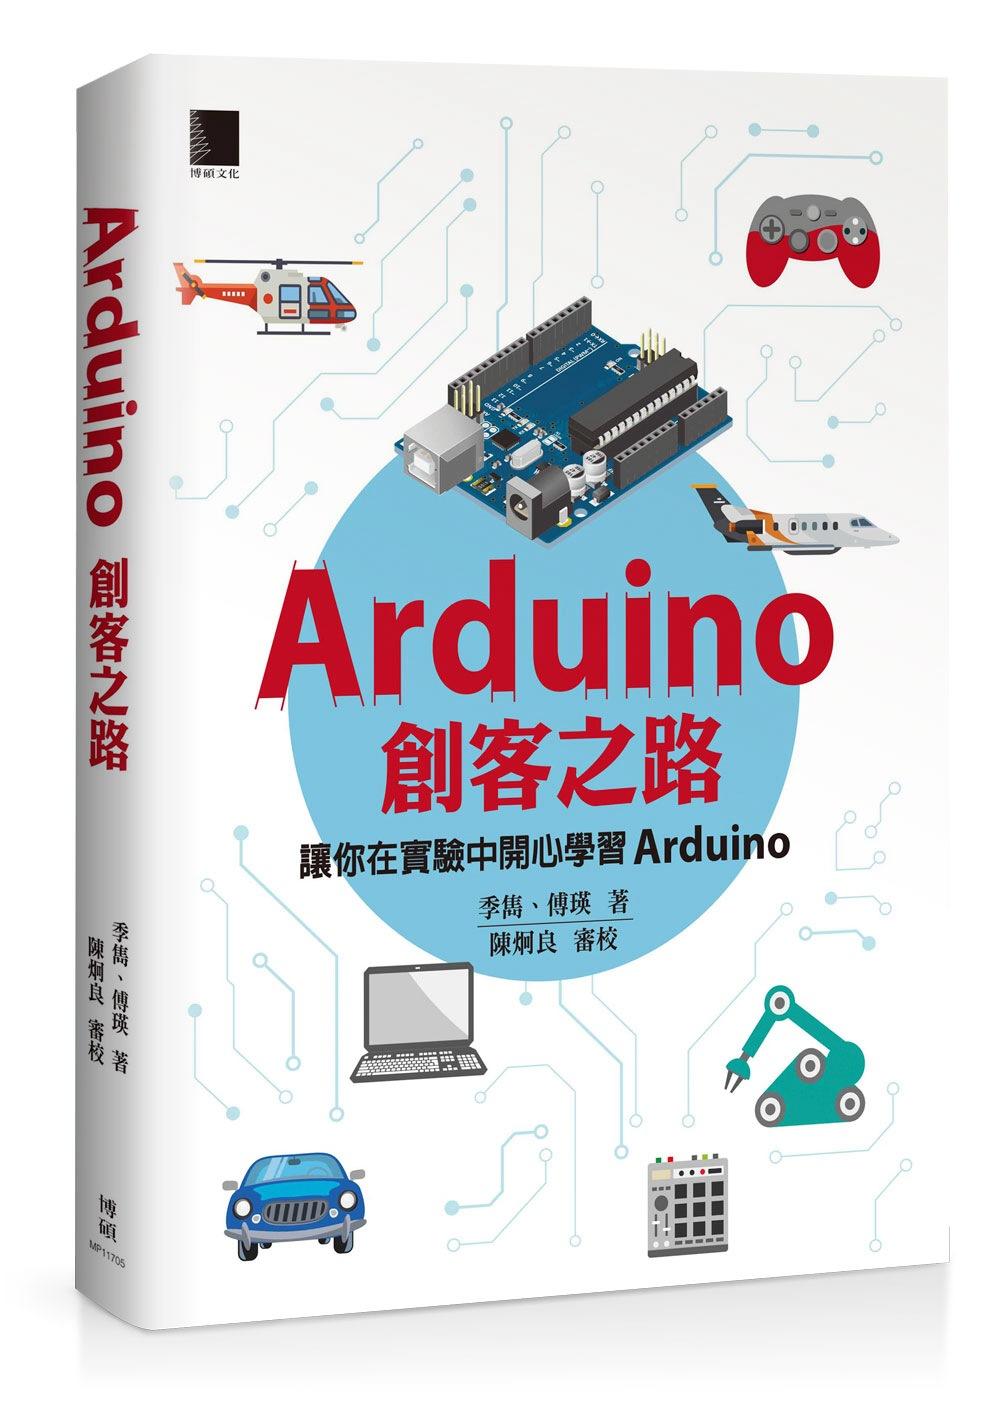 Arduino創客之路